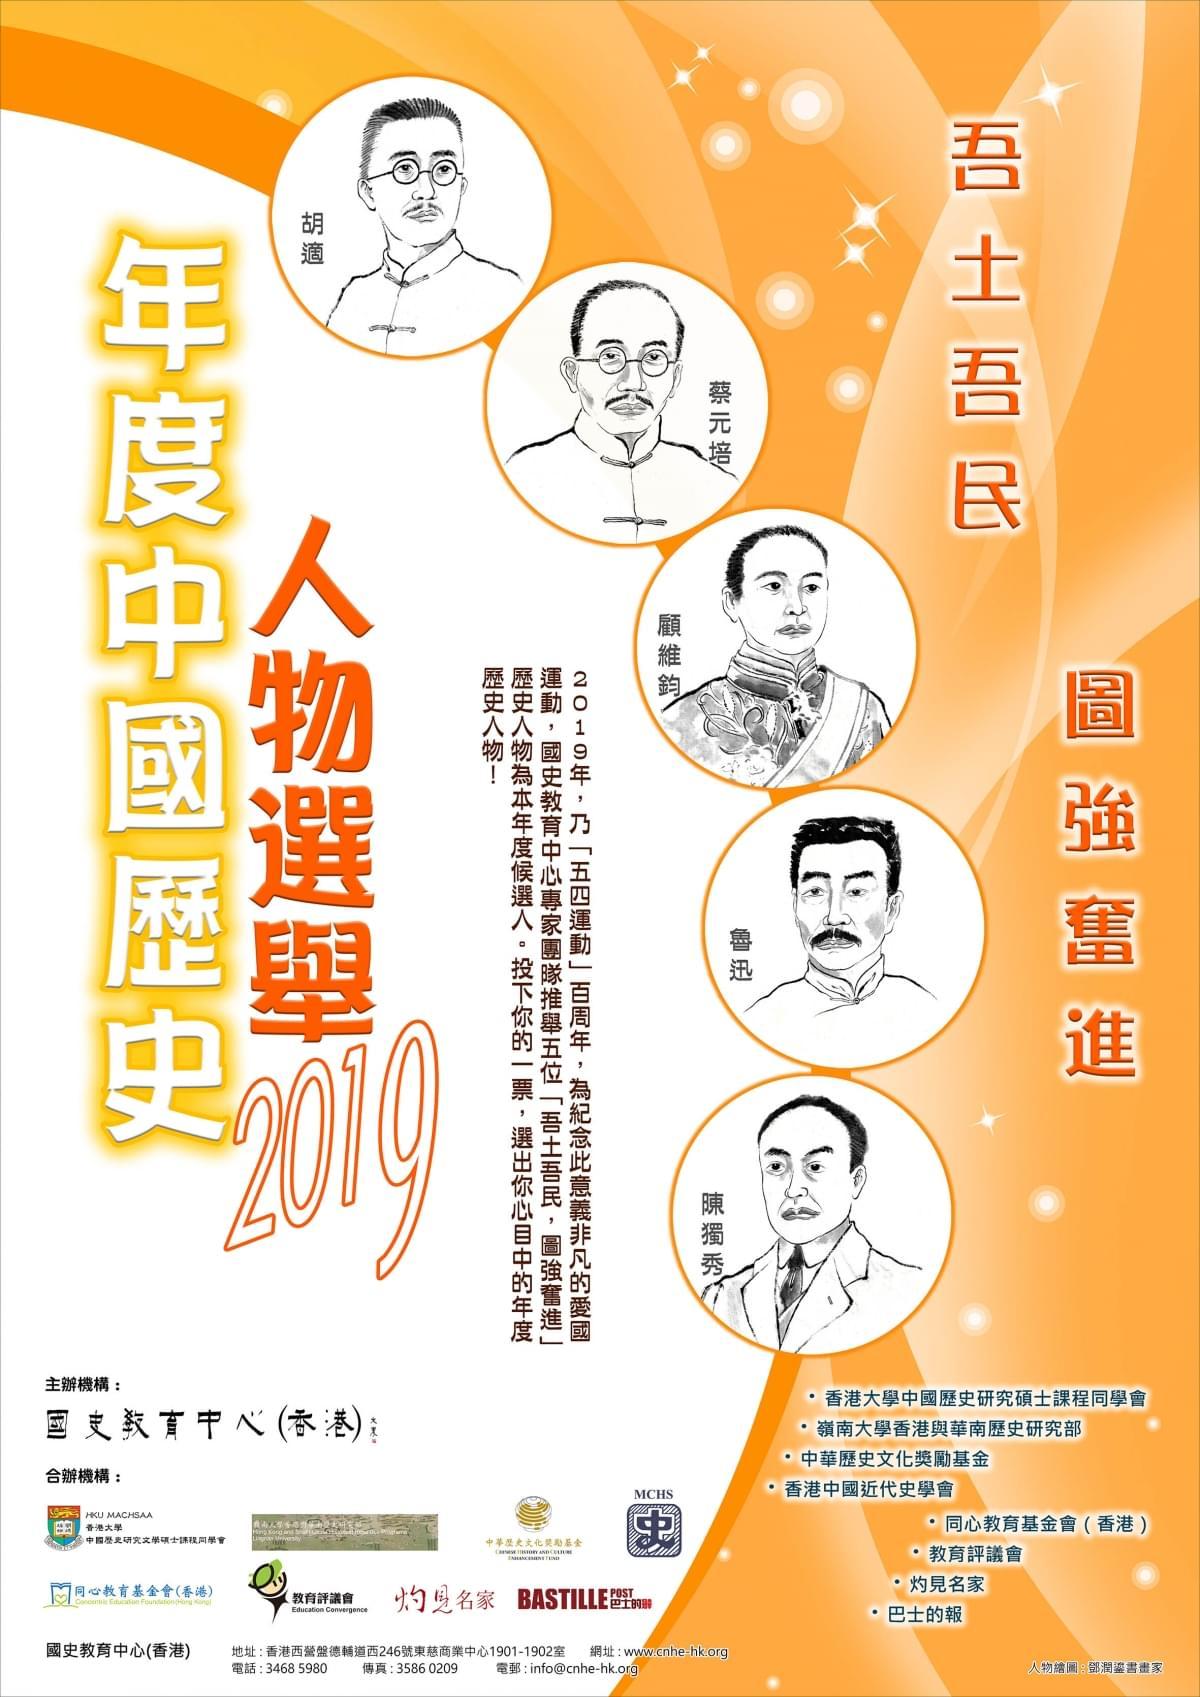 年度中國歷史人物選舉2019海報